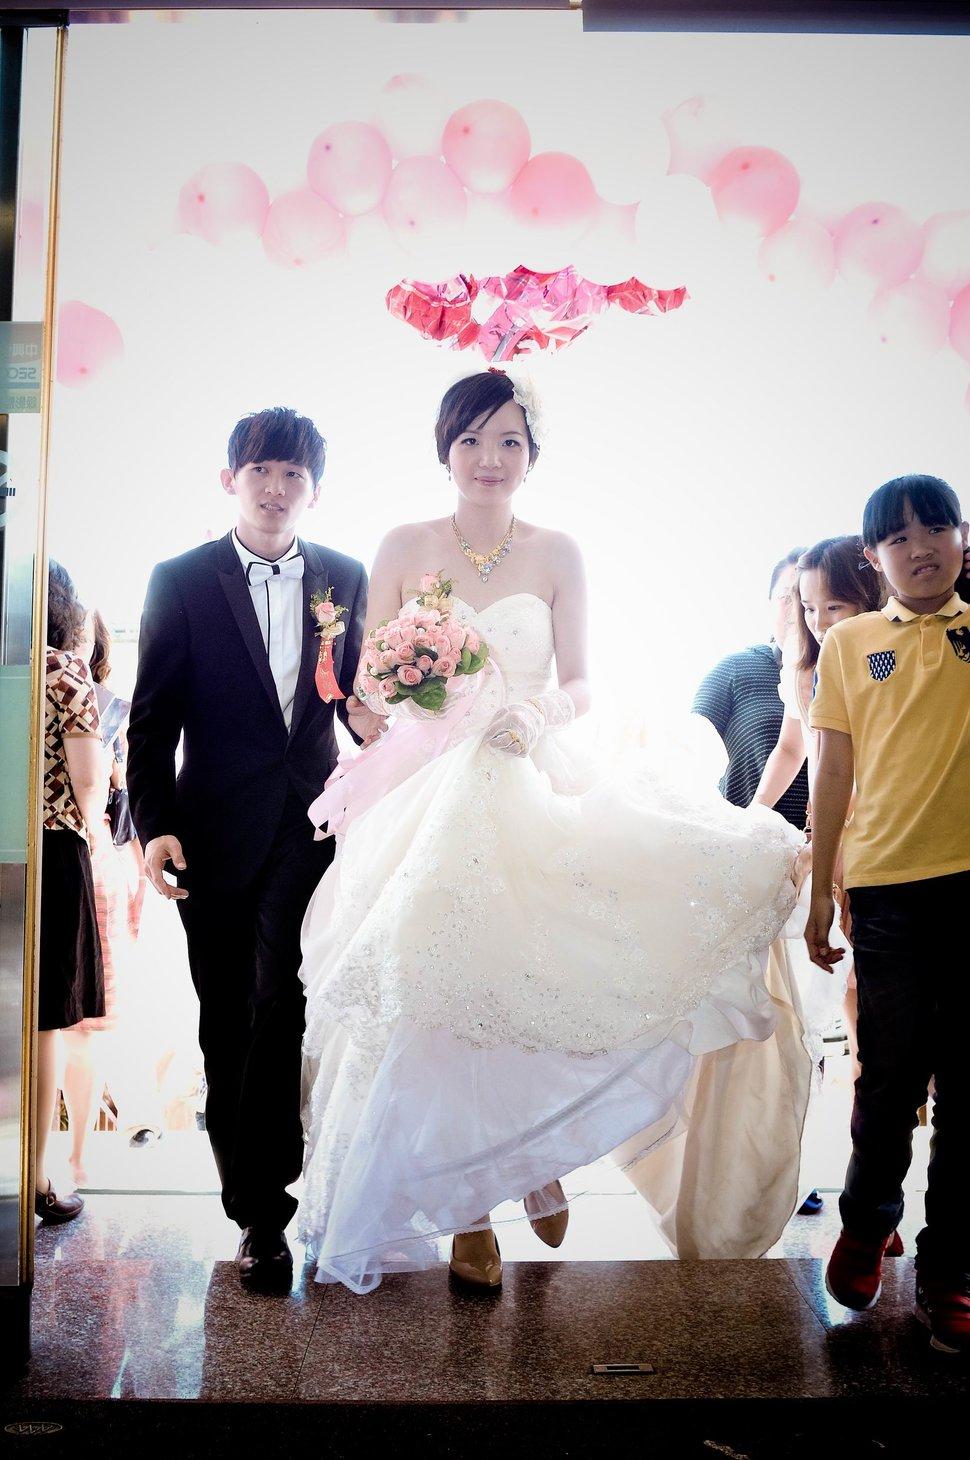 台中天野養生餐廳婚禮記錄婚禮記錄動態微電影錄影專業錄影平面攝影(編號:196462) - 蜜月拍照10800錄影12800攝影團隊 - 結婚吧